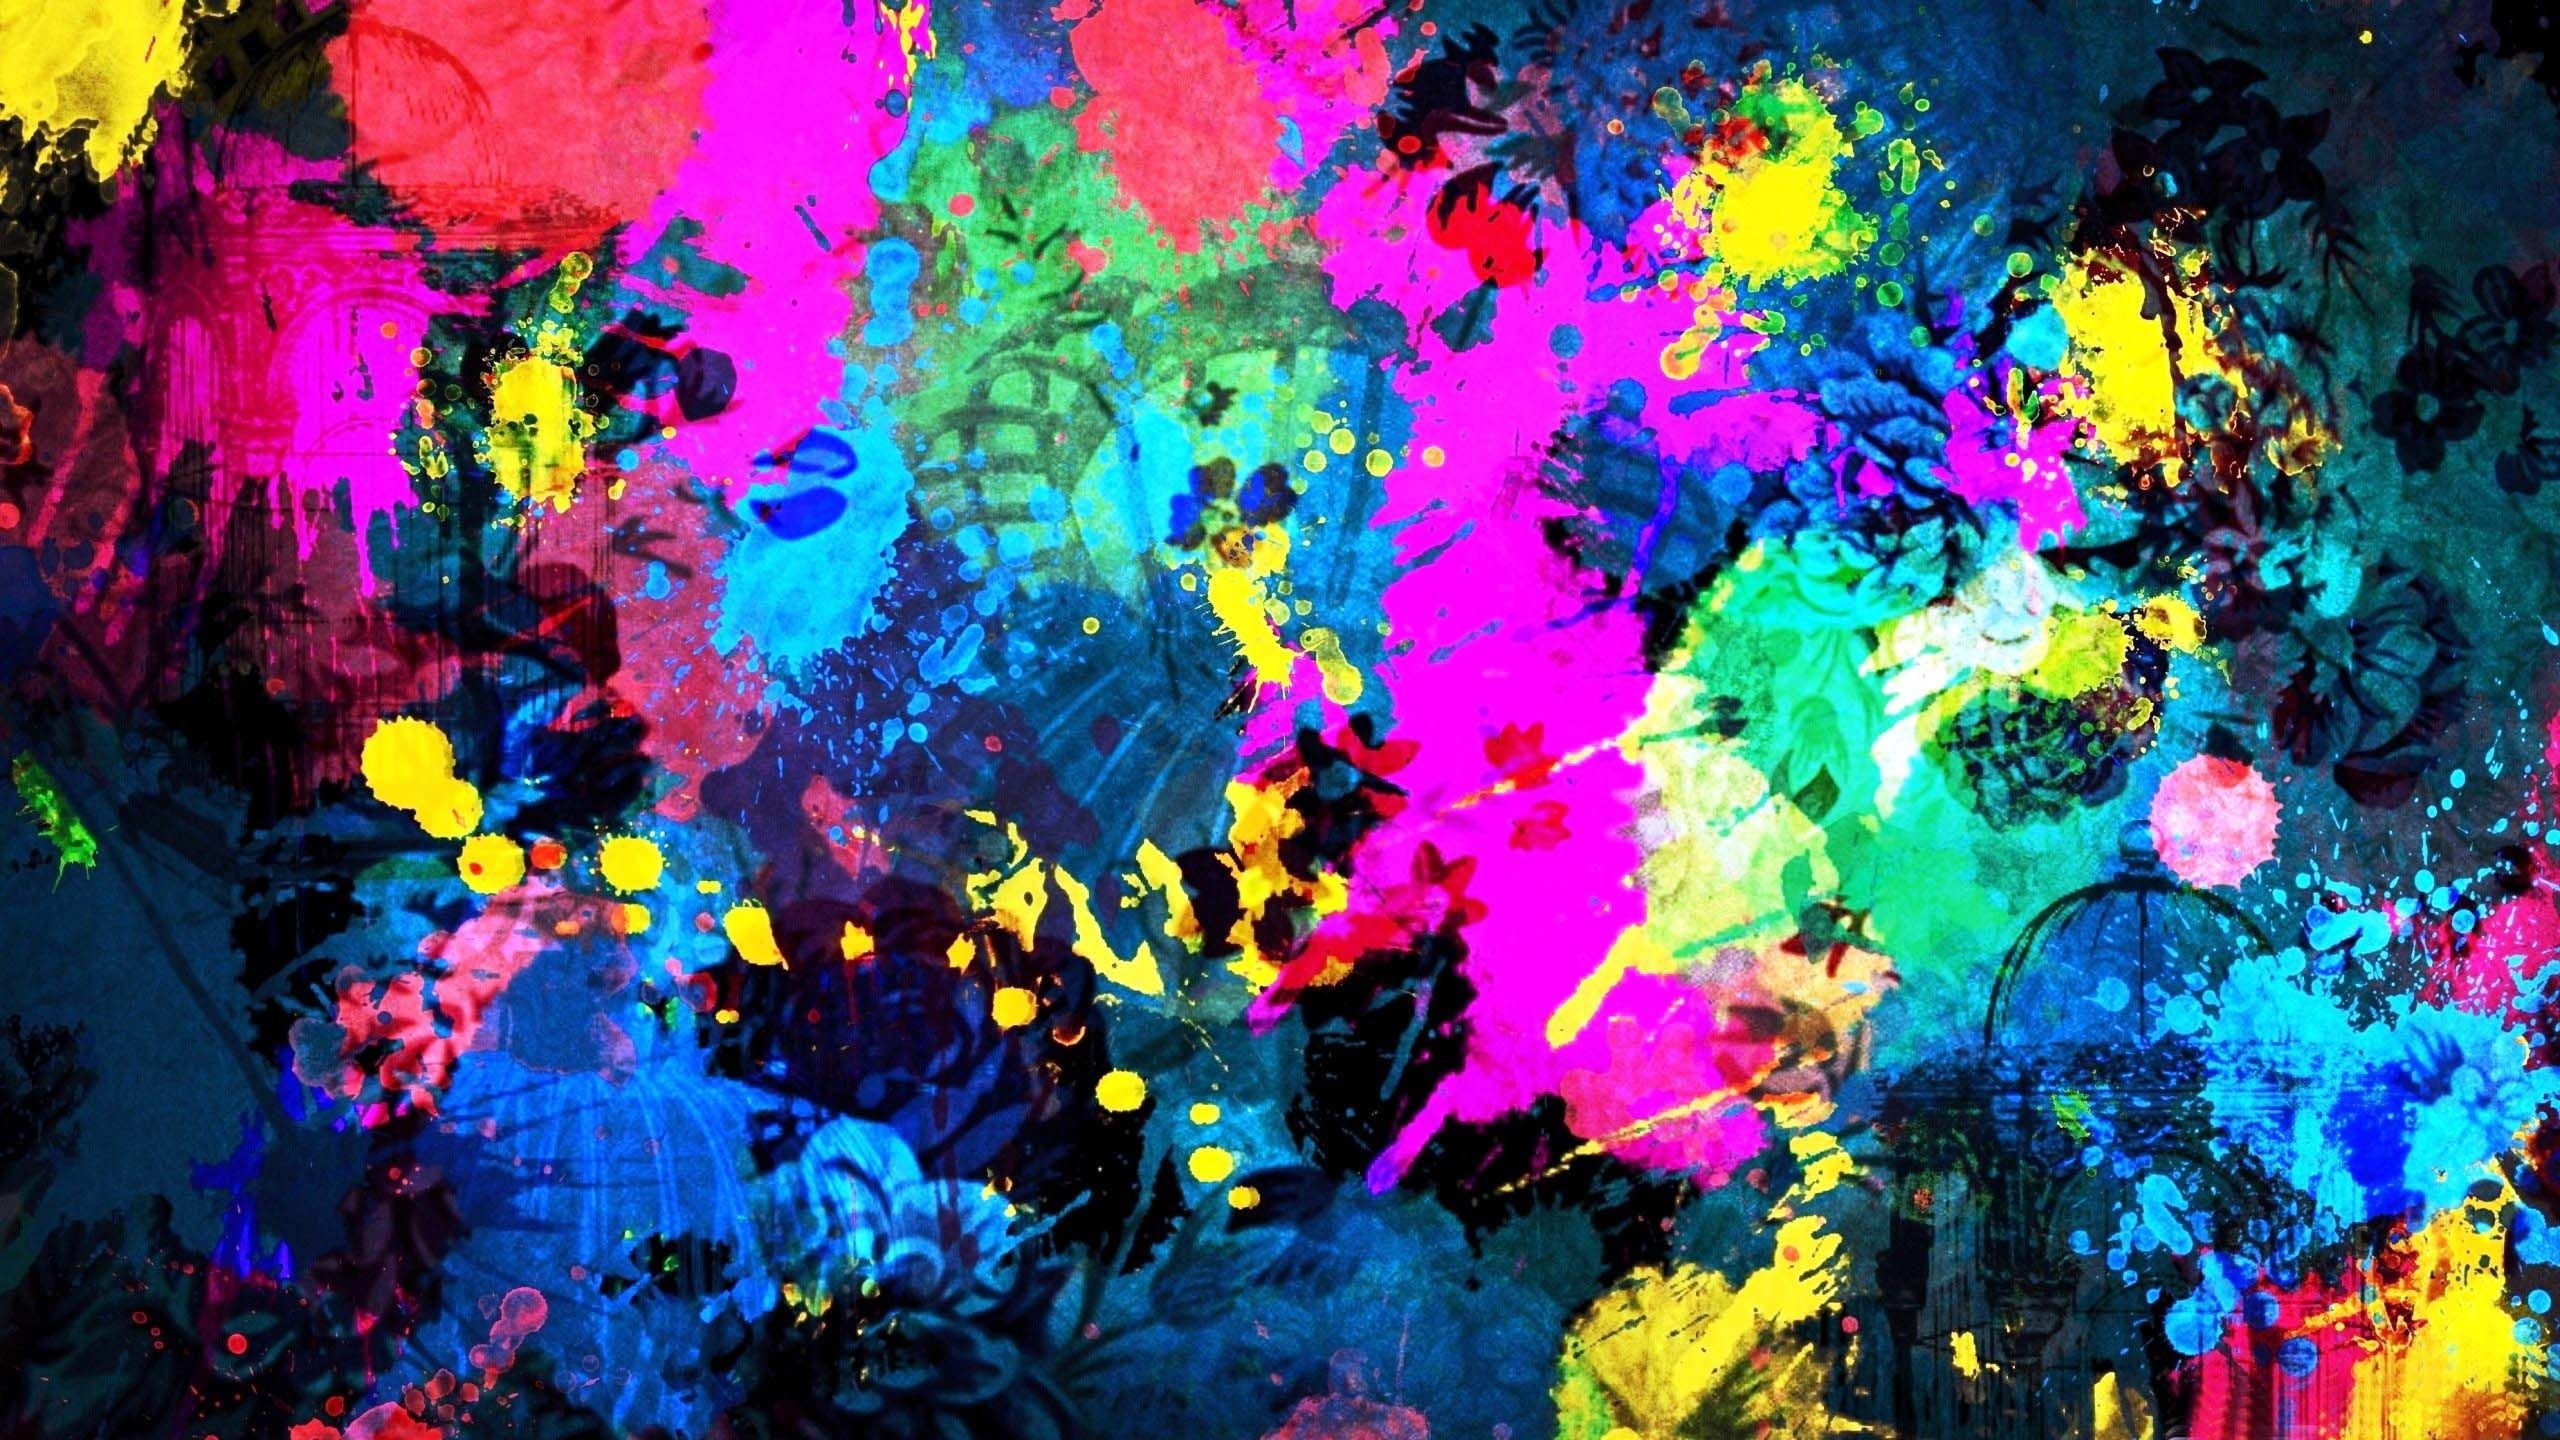 Wallpapers Abstractos (HD). - Taringa!